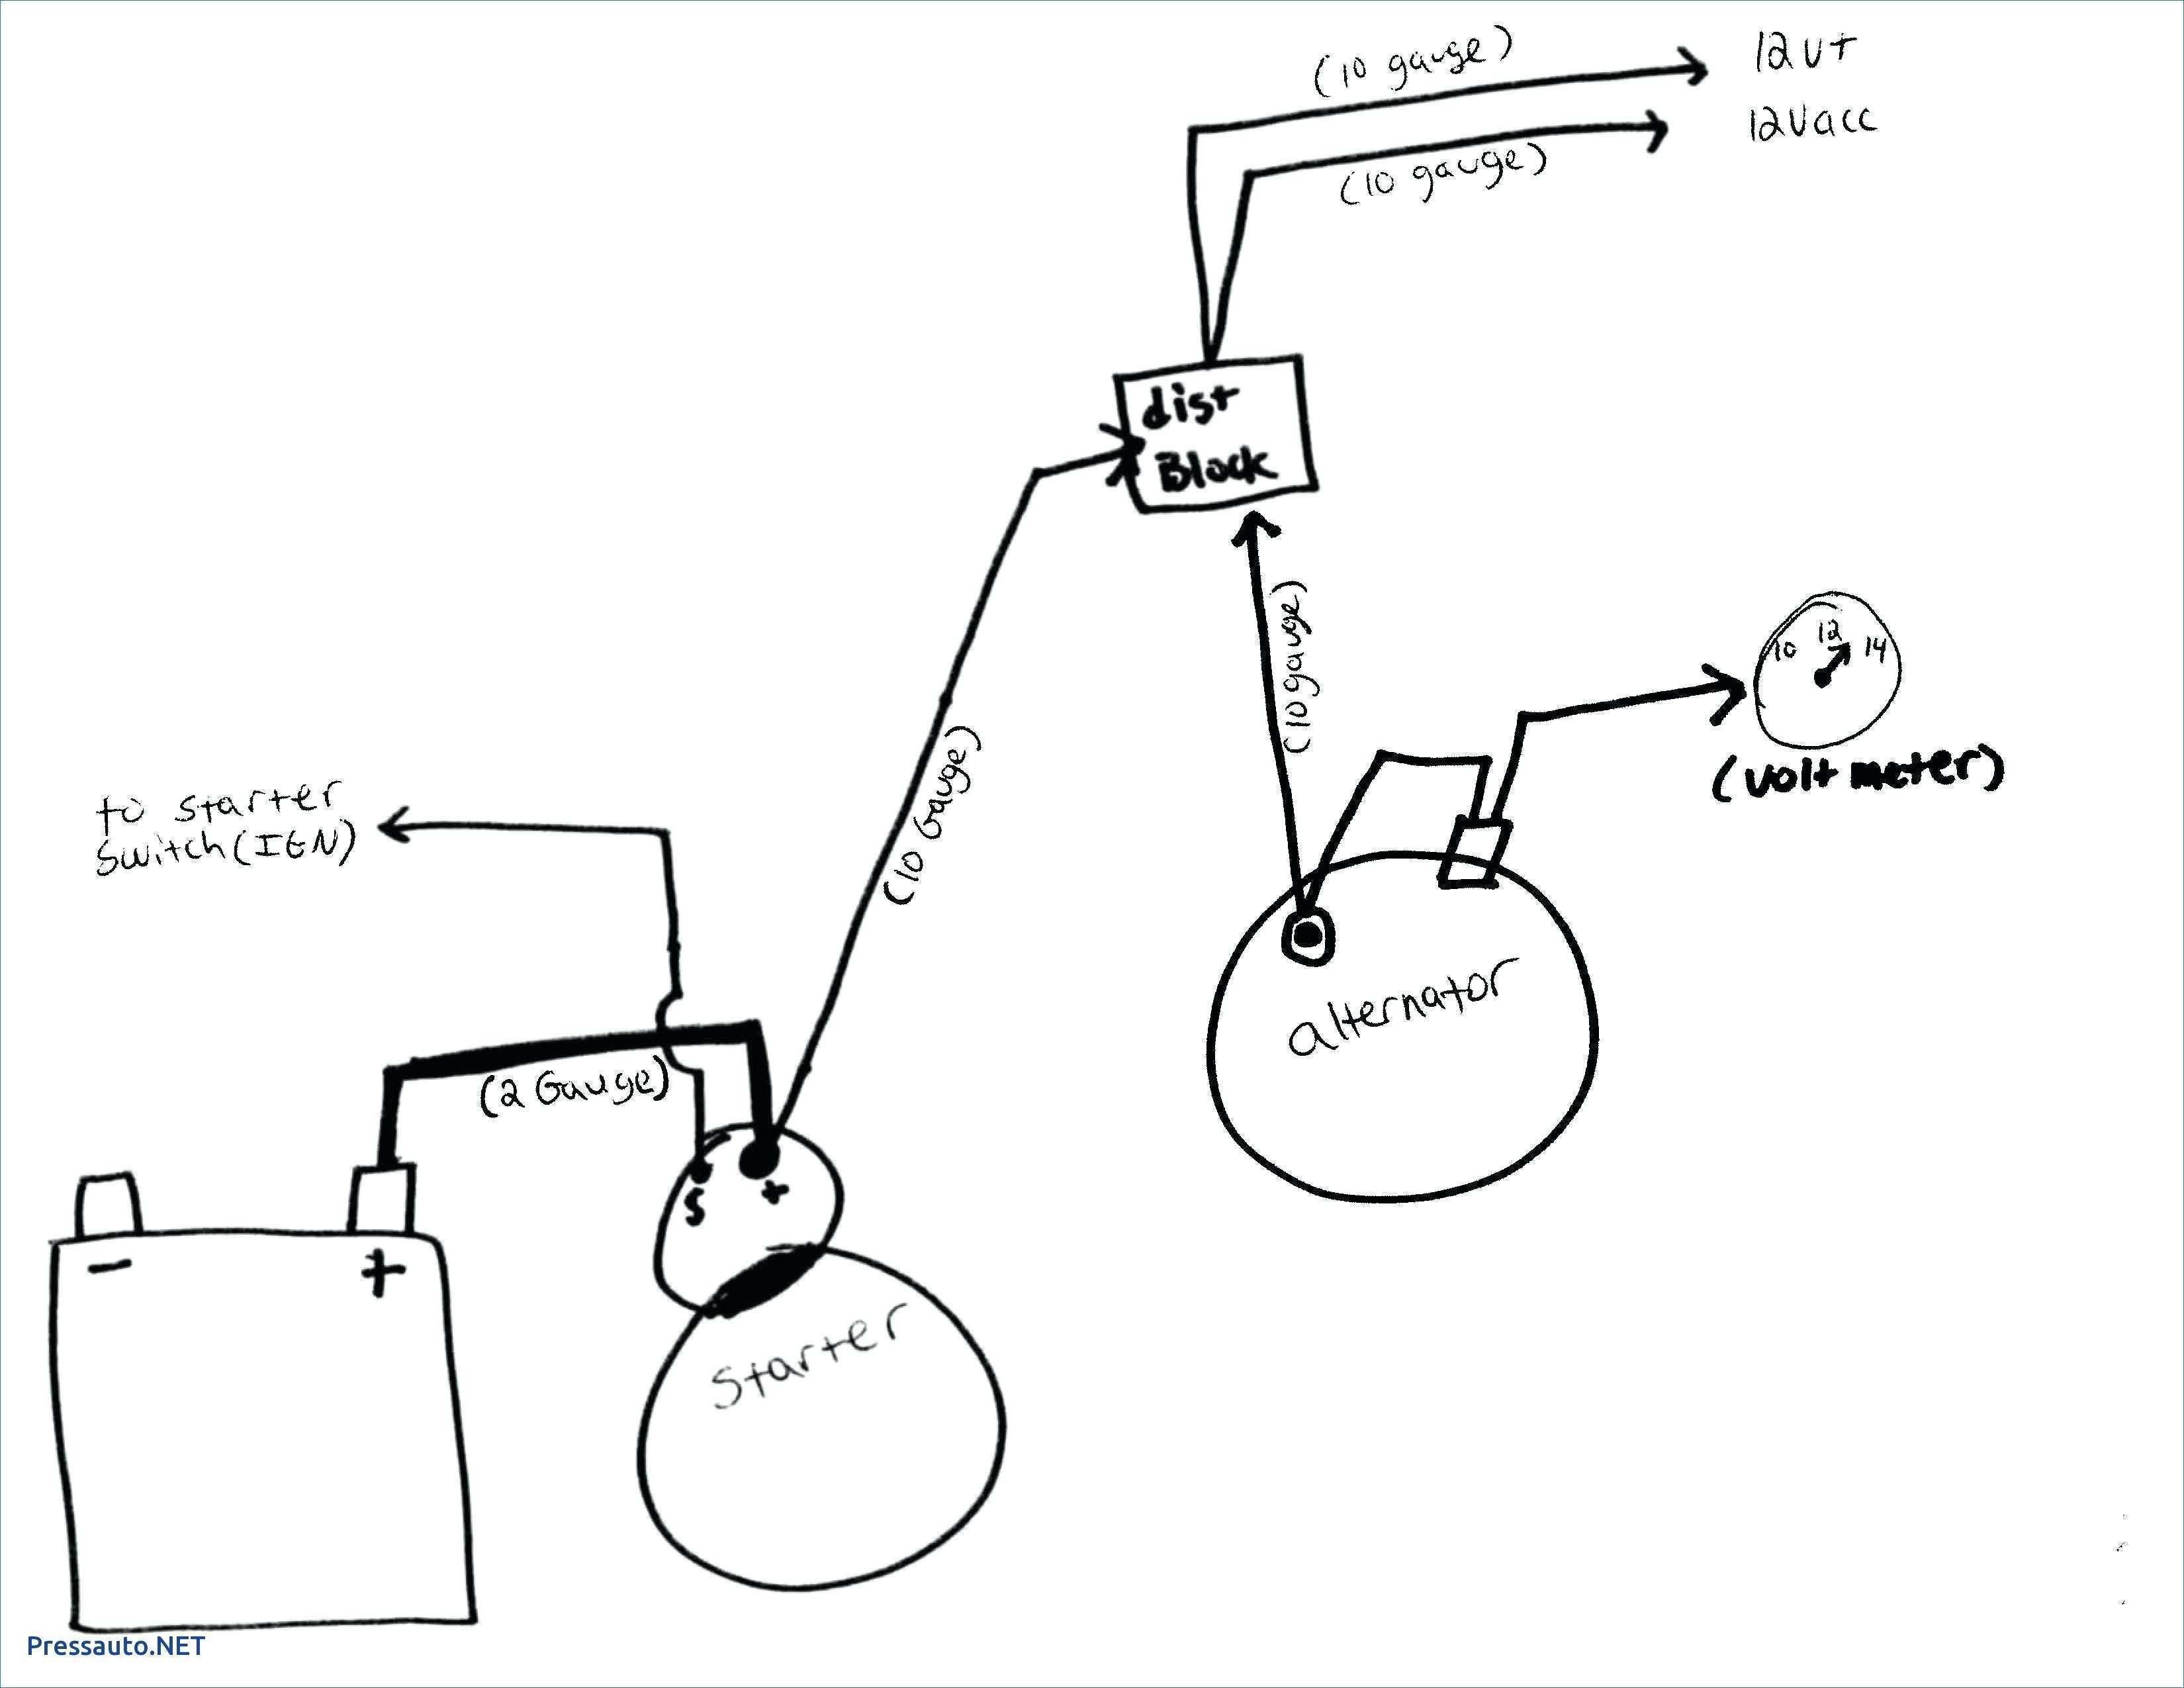 Chevy 3 Wire Alternator Wiring - Data Wiring Diagram Detailed - One Wire Alternator Wiring Diagram